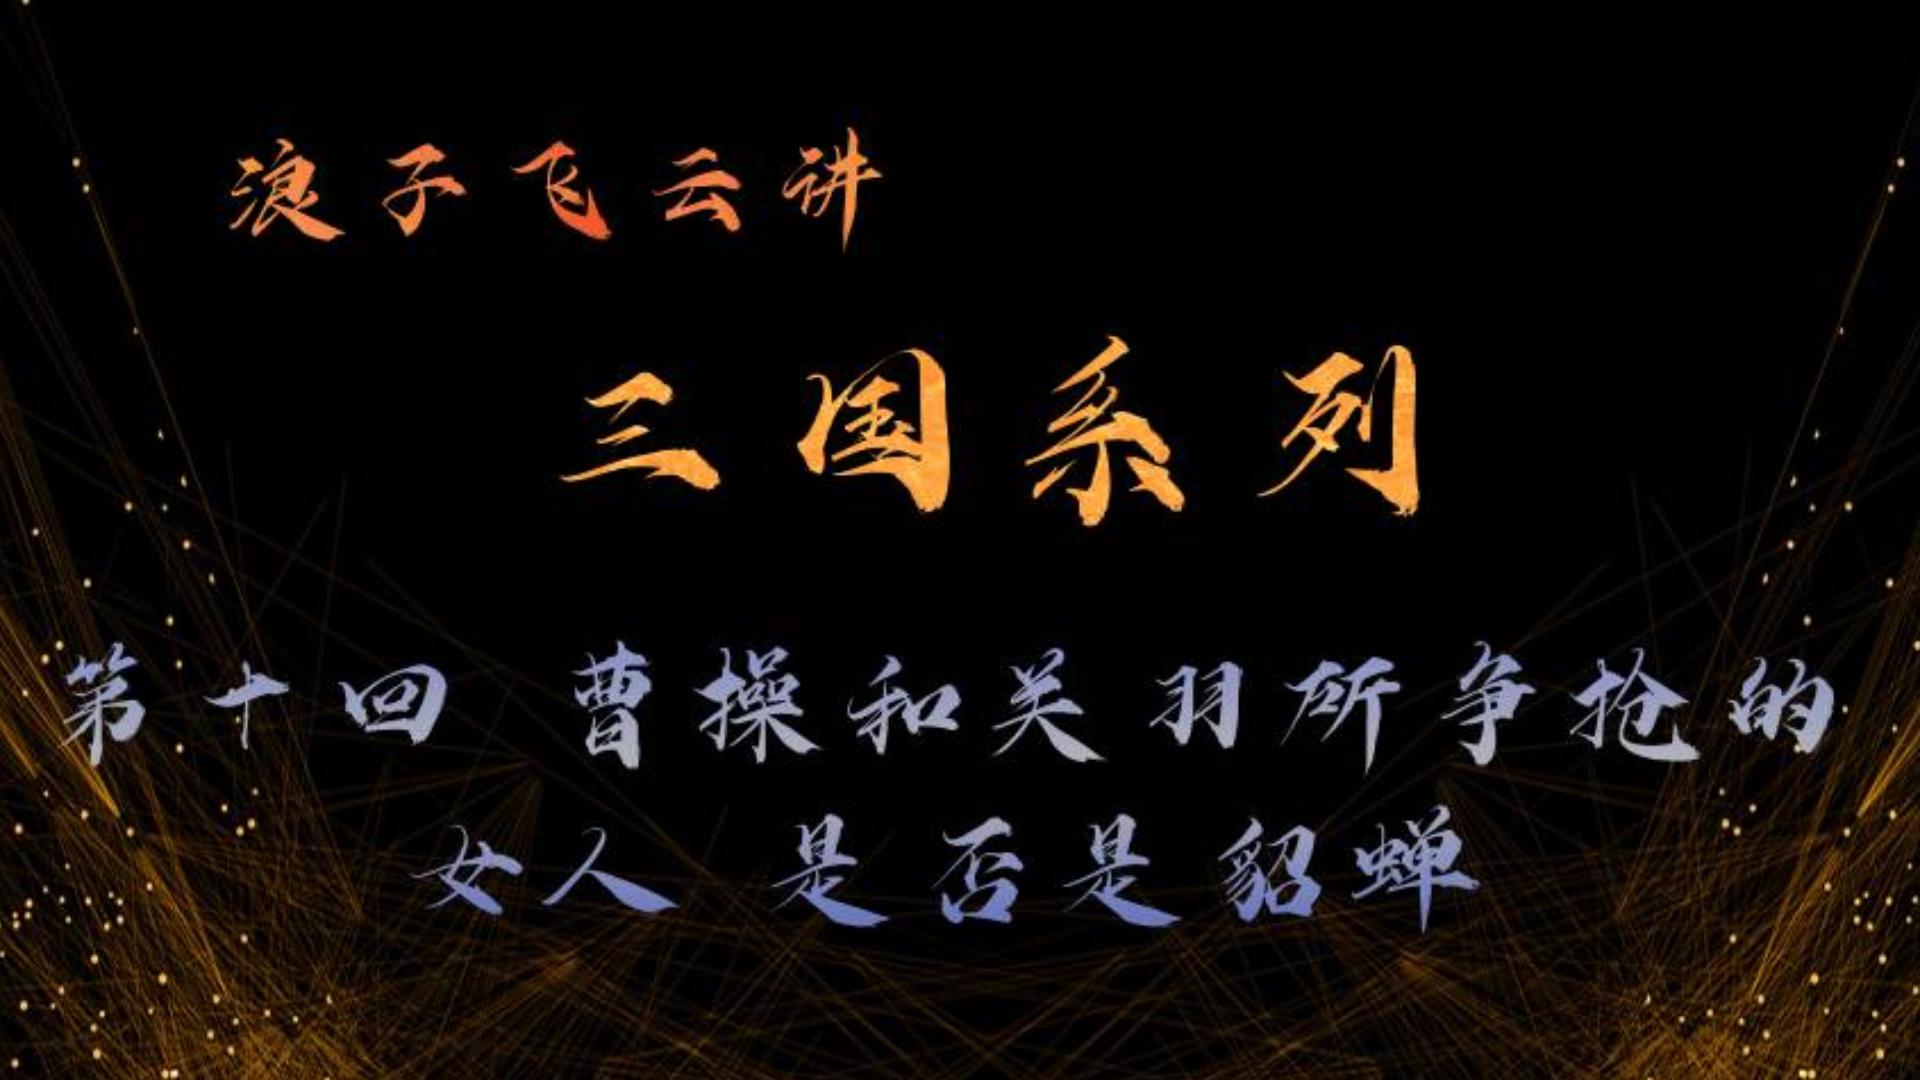 《三国系列》第十回 曹操和关羽所争抢的女人 是否是貂蝉